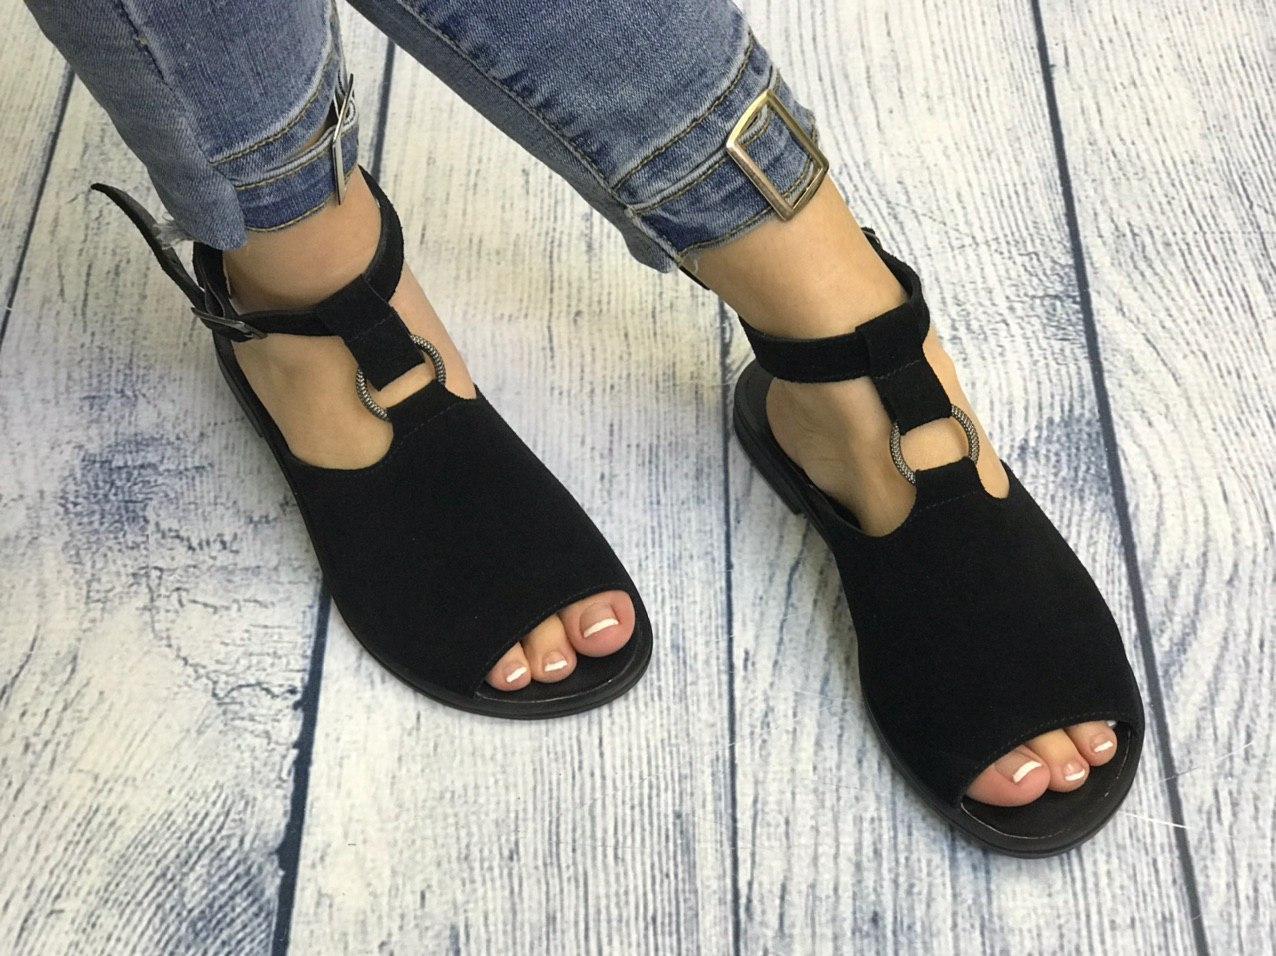 Черные замшевые босоножки сандалии 1 см каблук, кожа или замша пошив с рюшечкой размеры 36-41